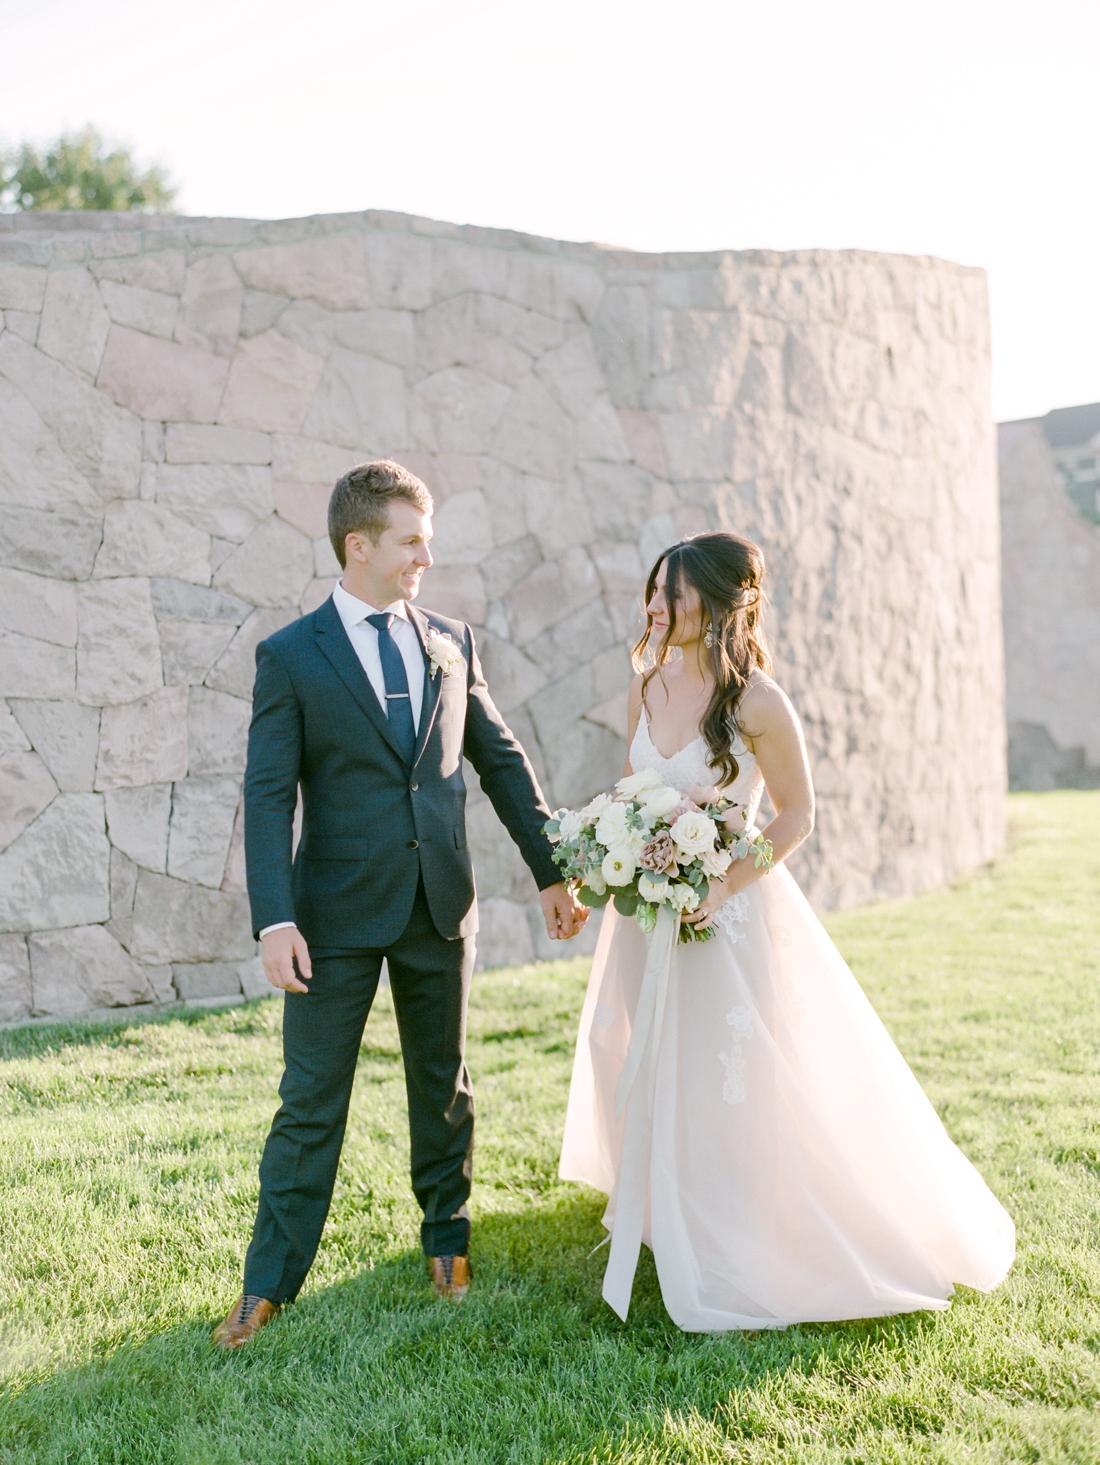 Kristin_Brett_TheKitchen_Denver_Wedding_by_Connie_Whitlock_web_284.jpg